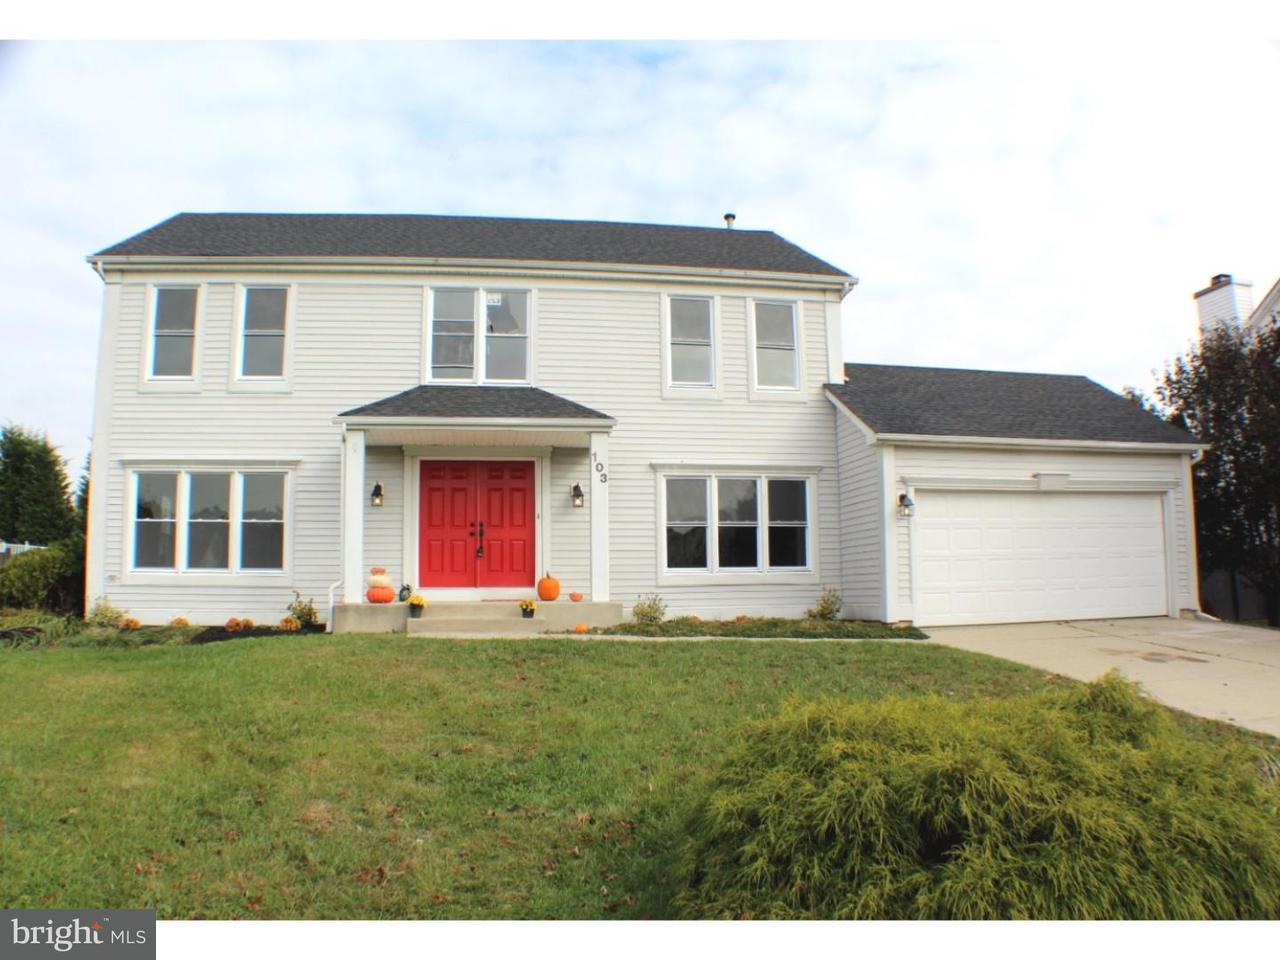 Μονοκατοικία για την Πώληση στο 103 DESCHLER BLVD Clayton, Νιου Τζερσεϋ 08312 Ηνωμενεσ Πολιτειεσ